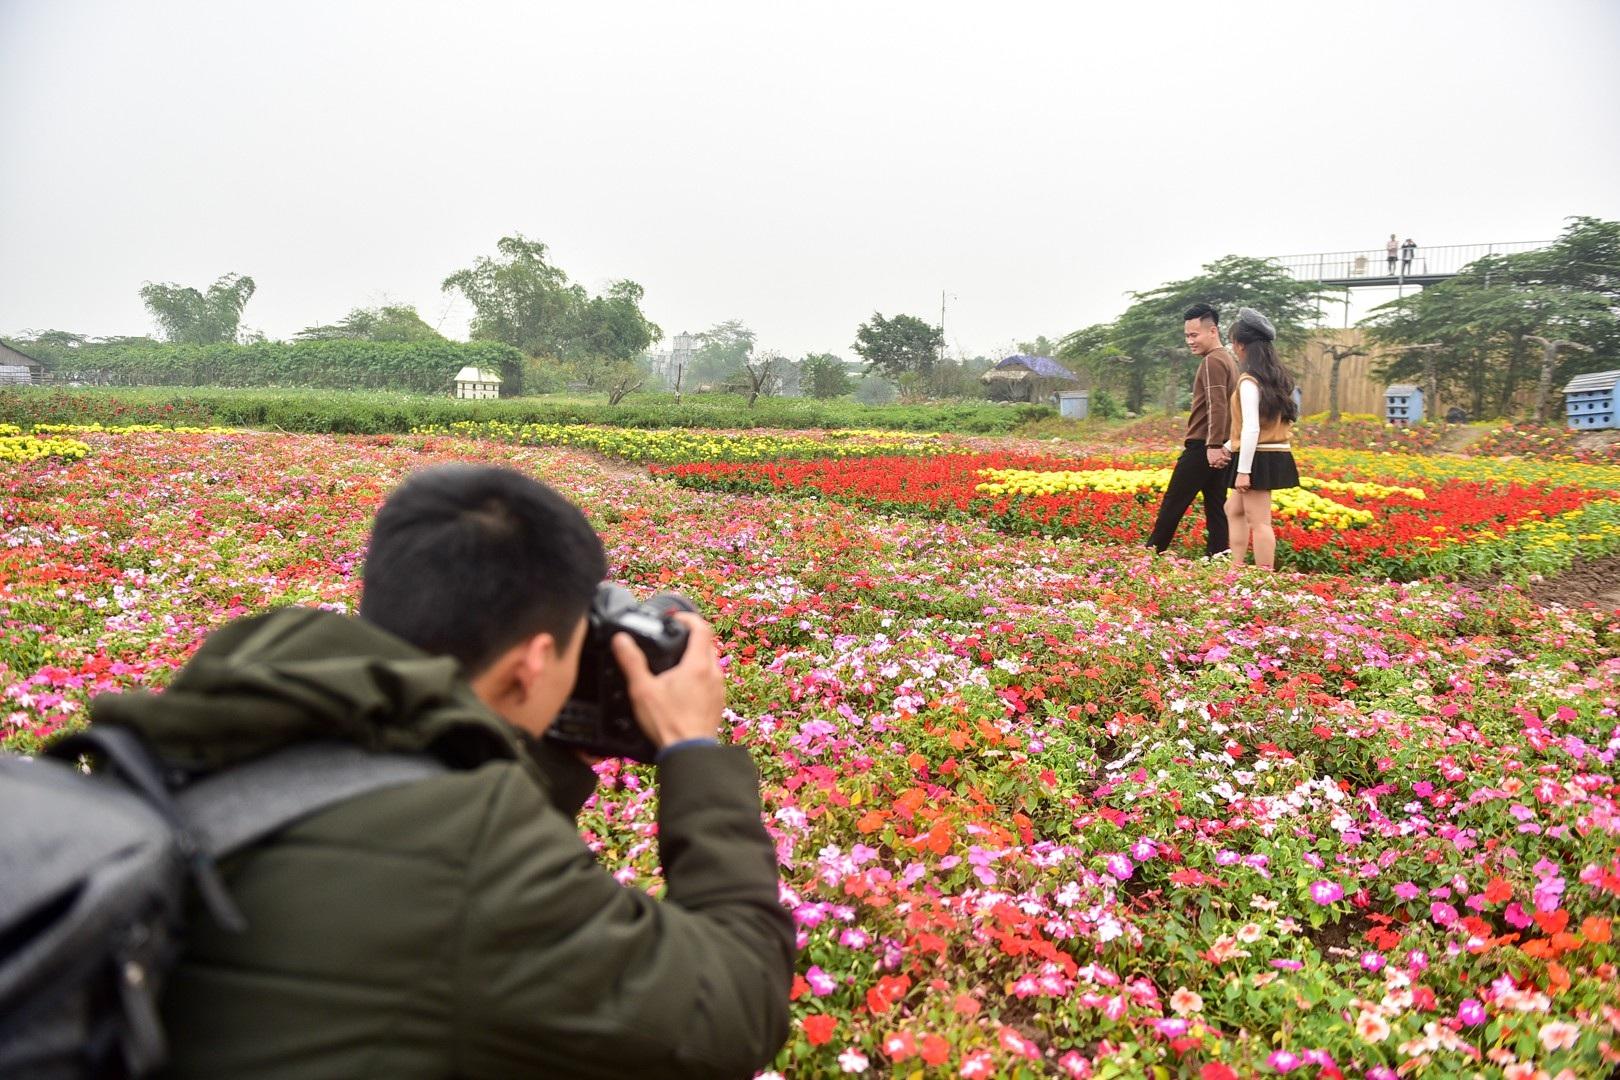 Vườn hoa hình cúp vô địch khổng lồ cổ vũ đội tuyển Việt Nam - Ảnh 11.